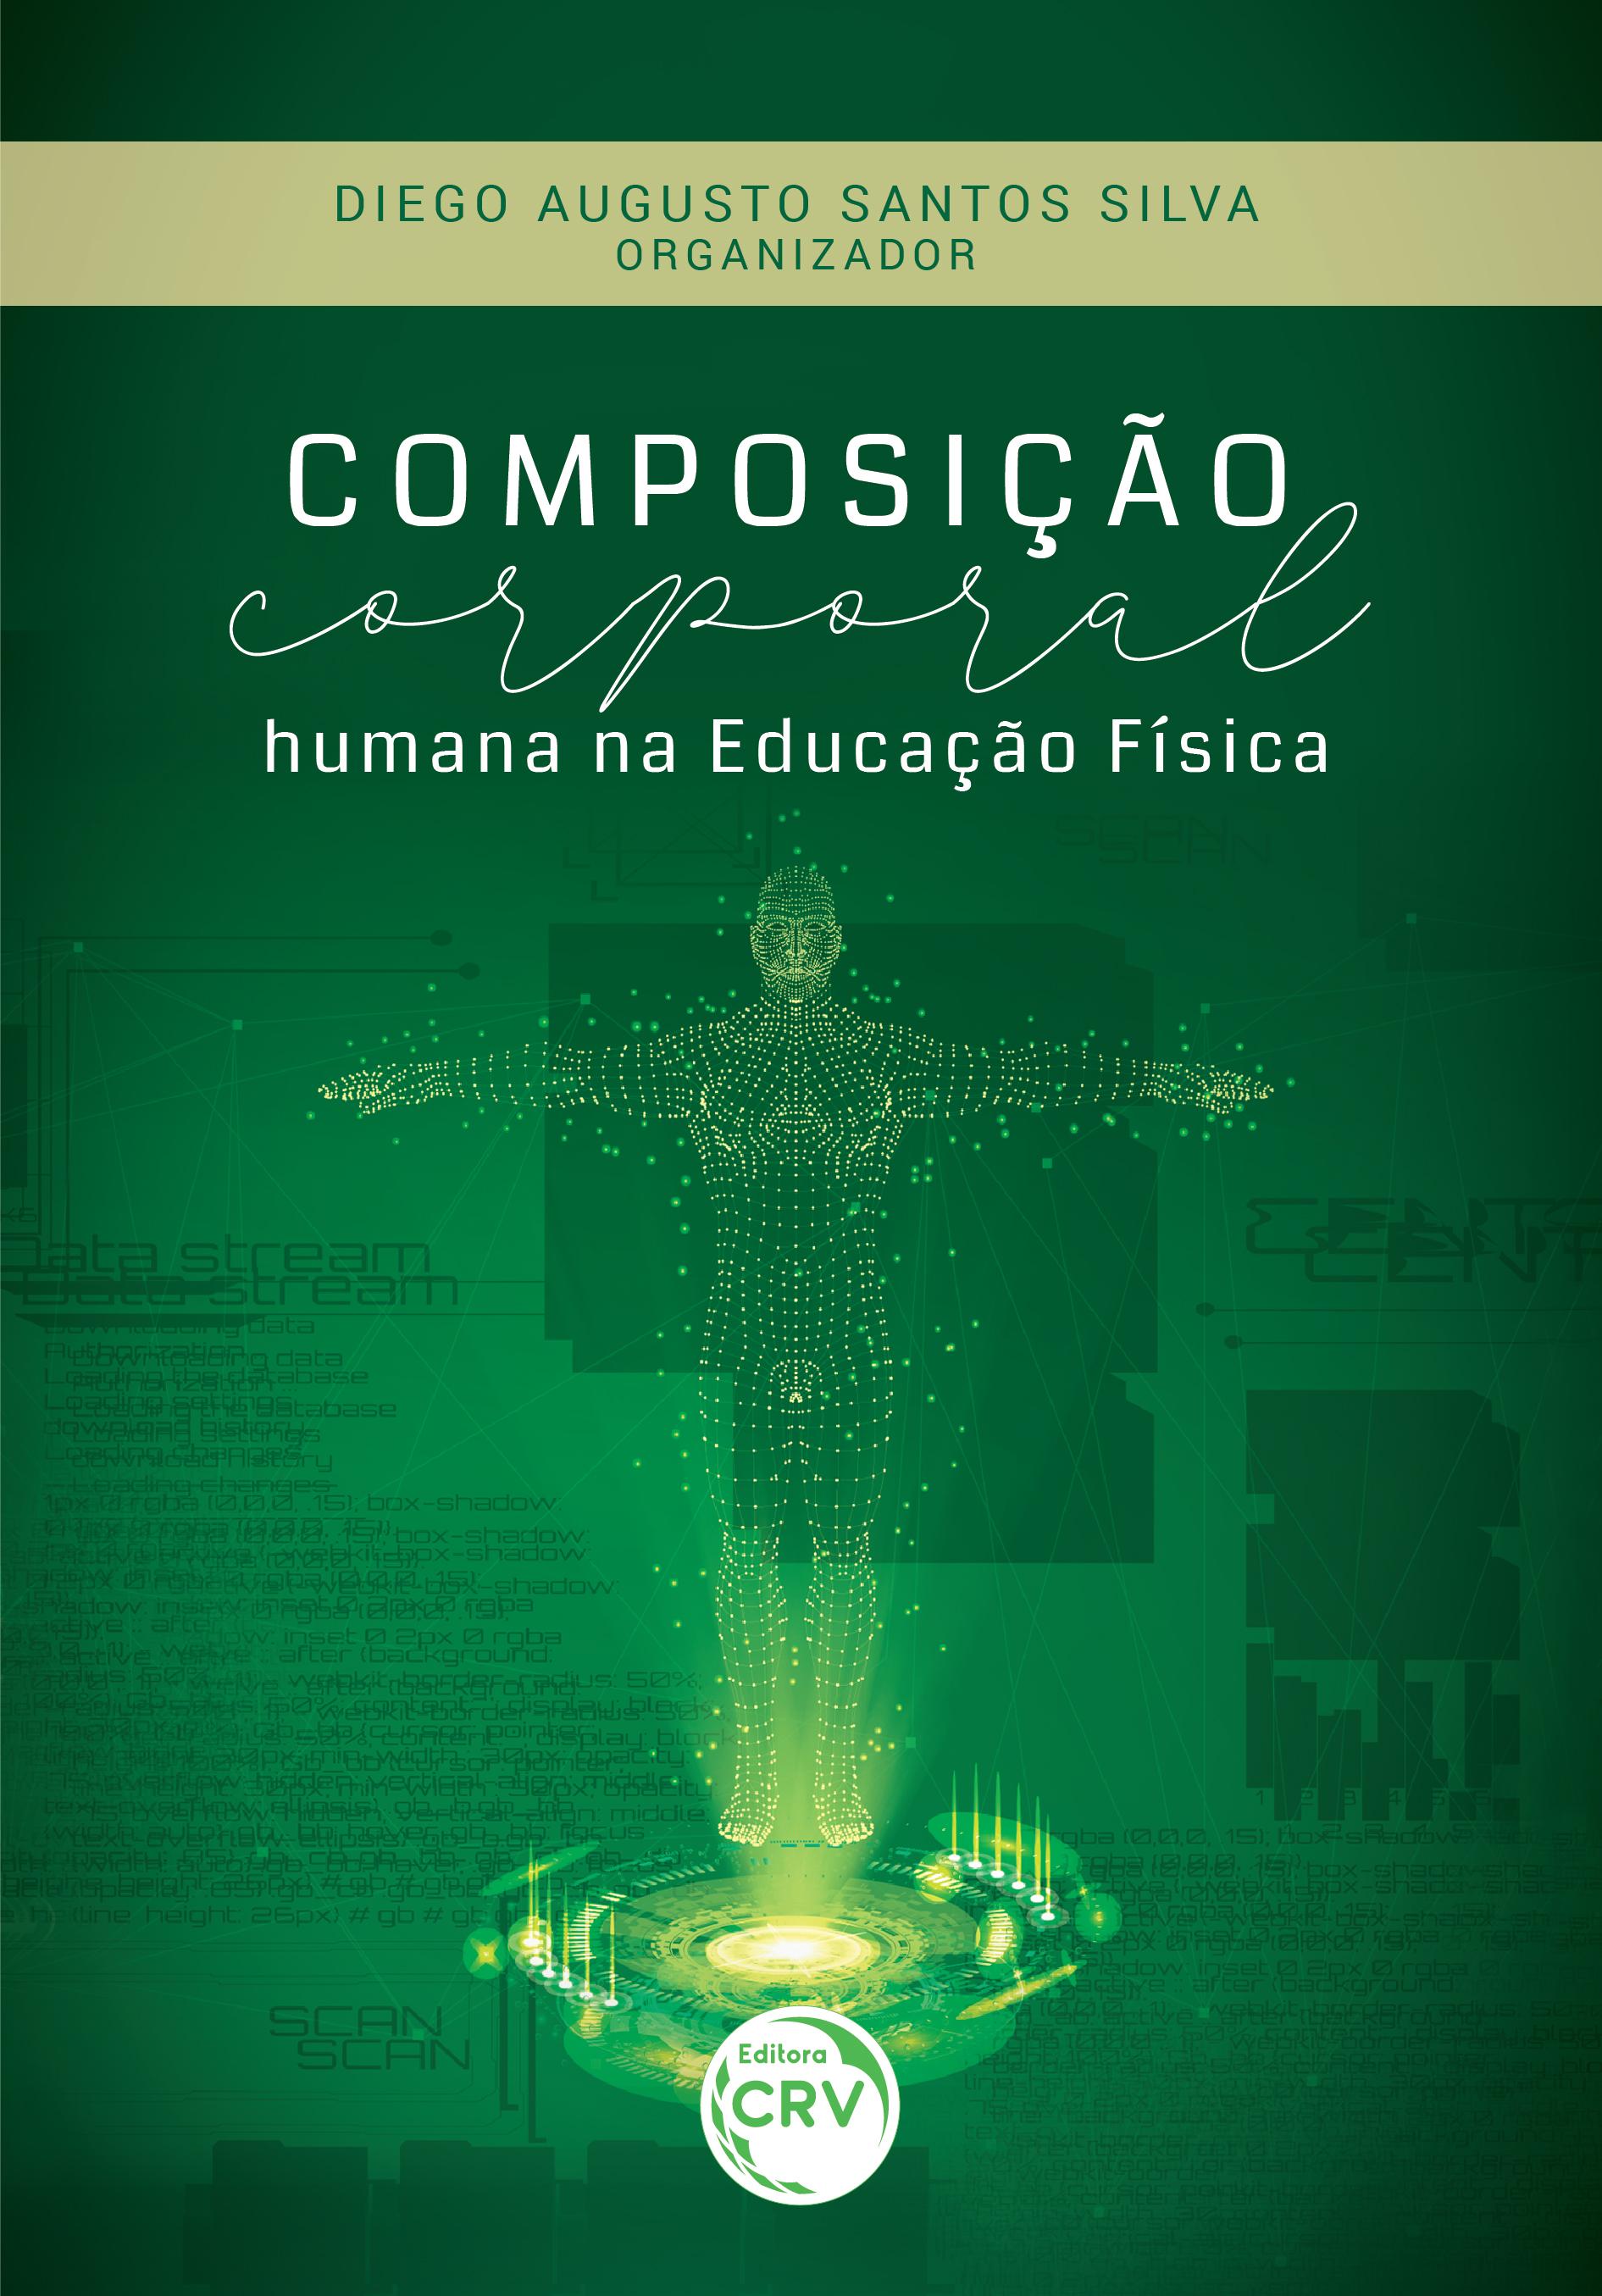 Capa do livro: COMPOSIÇÃO CORPORAL HUMANA NA EDUCAÇÃO FÍSICA